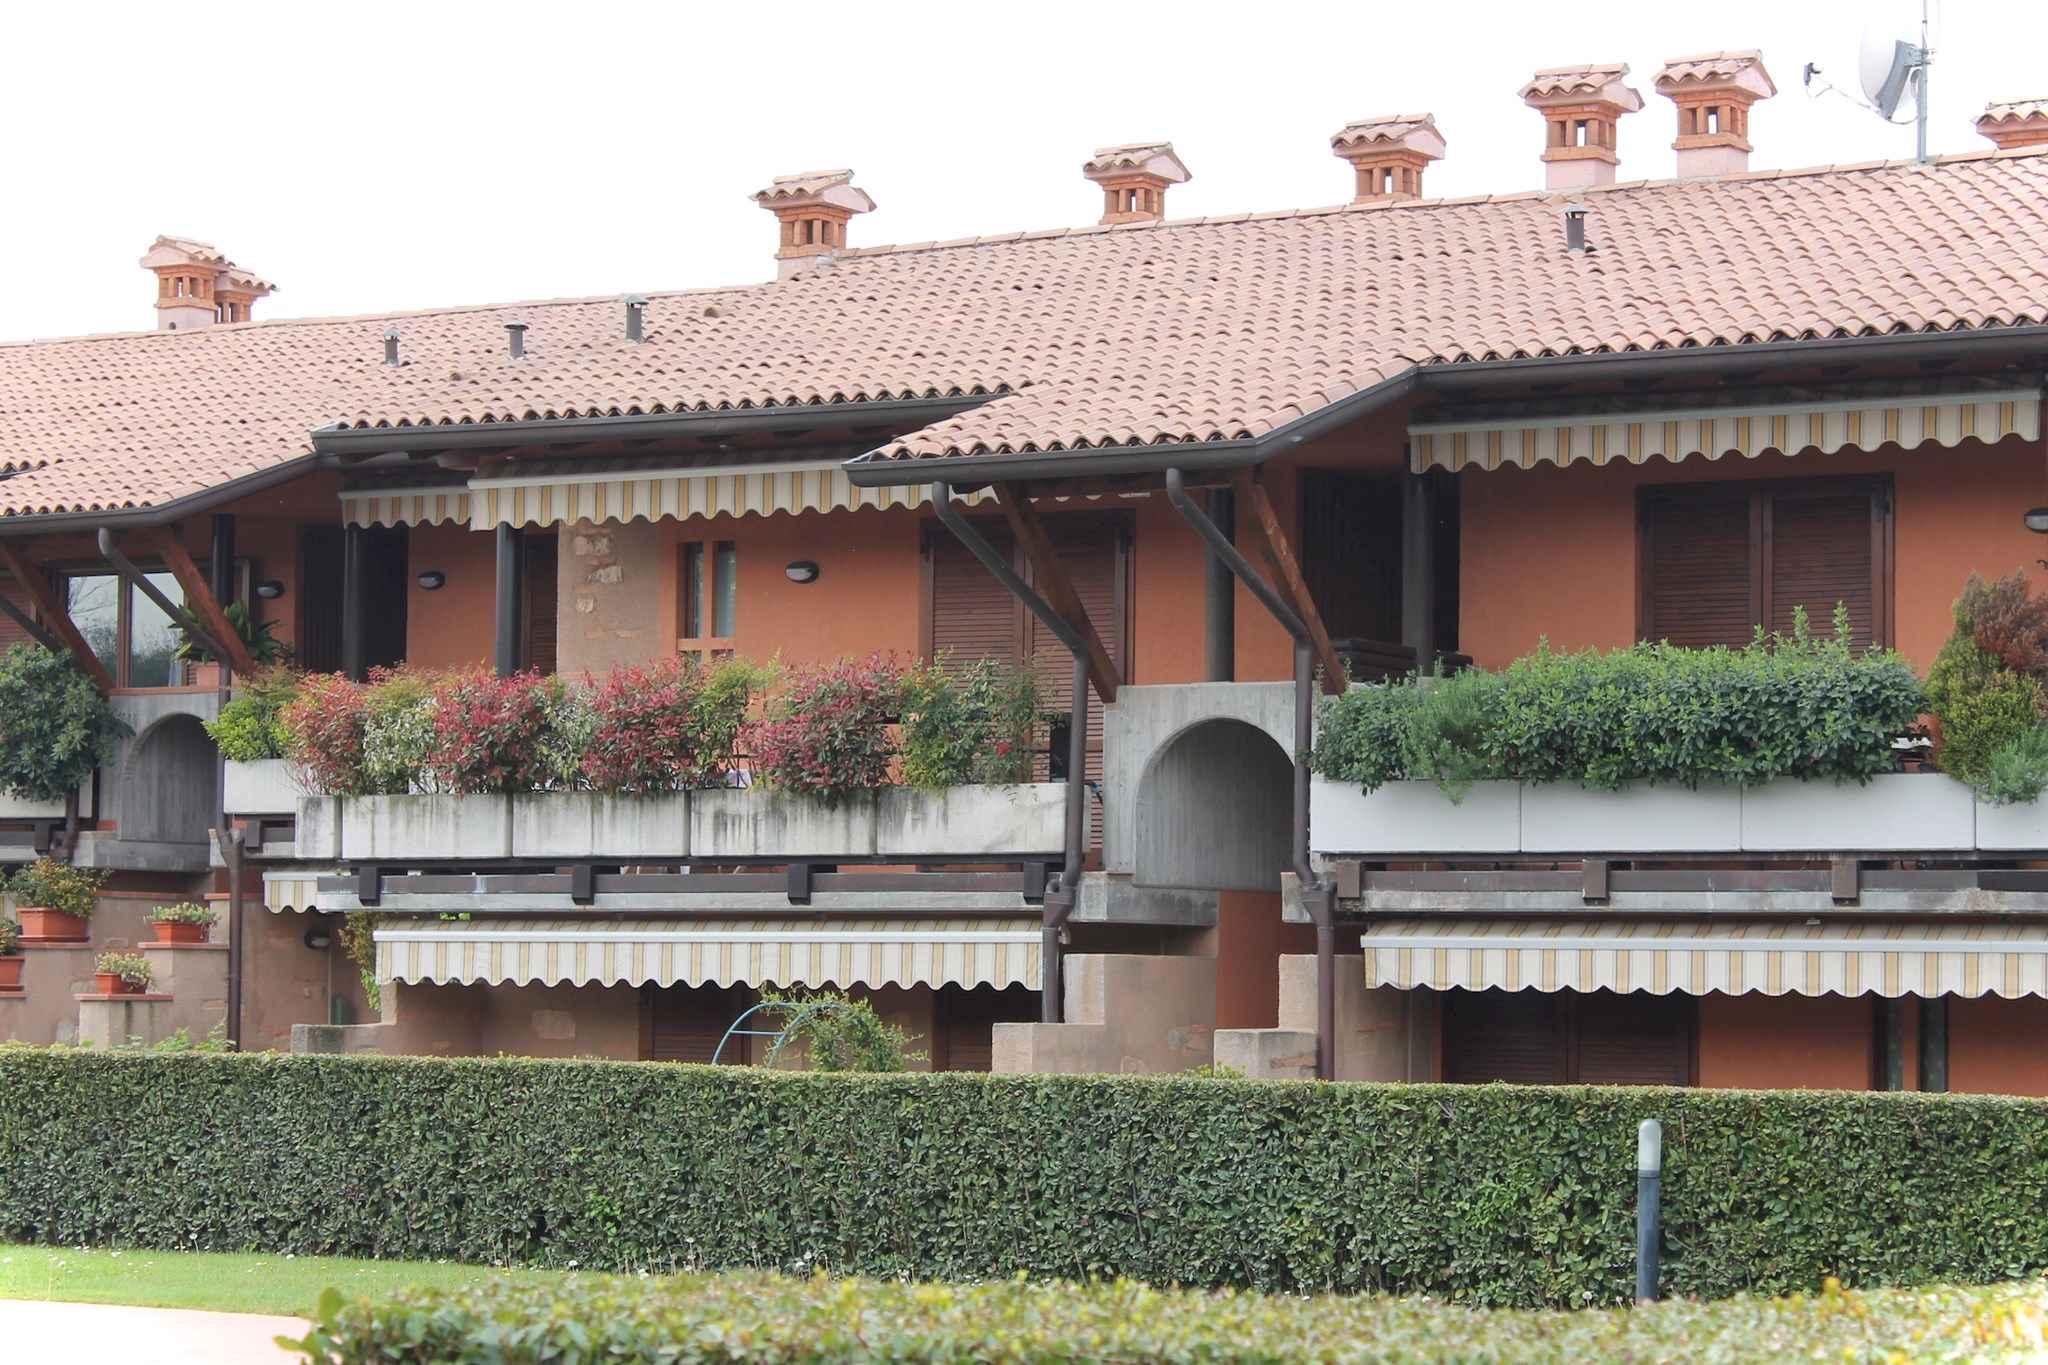 Ferienwohnung con piscina (377442), Lazise, Gardasee, Venetien, Italien, Bild 7